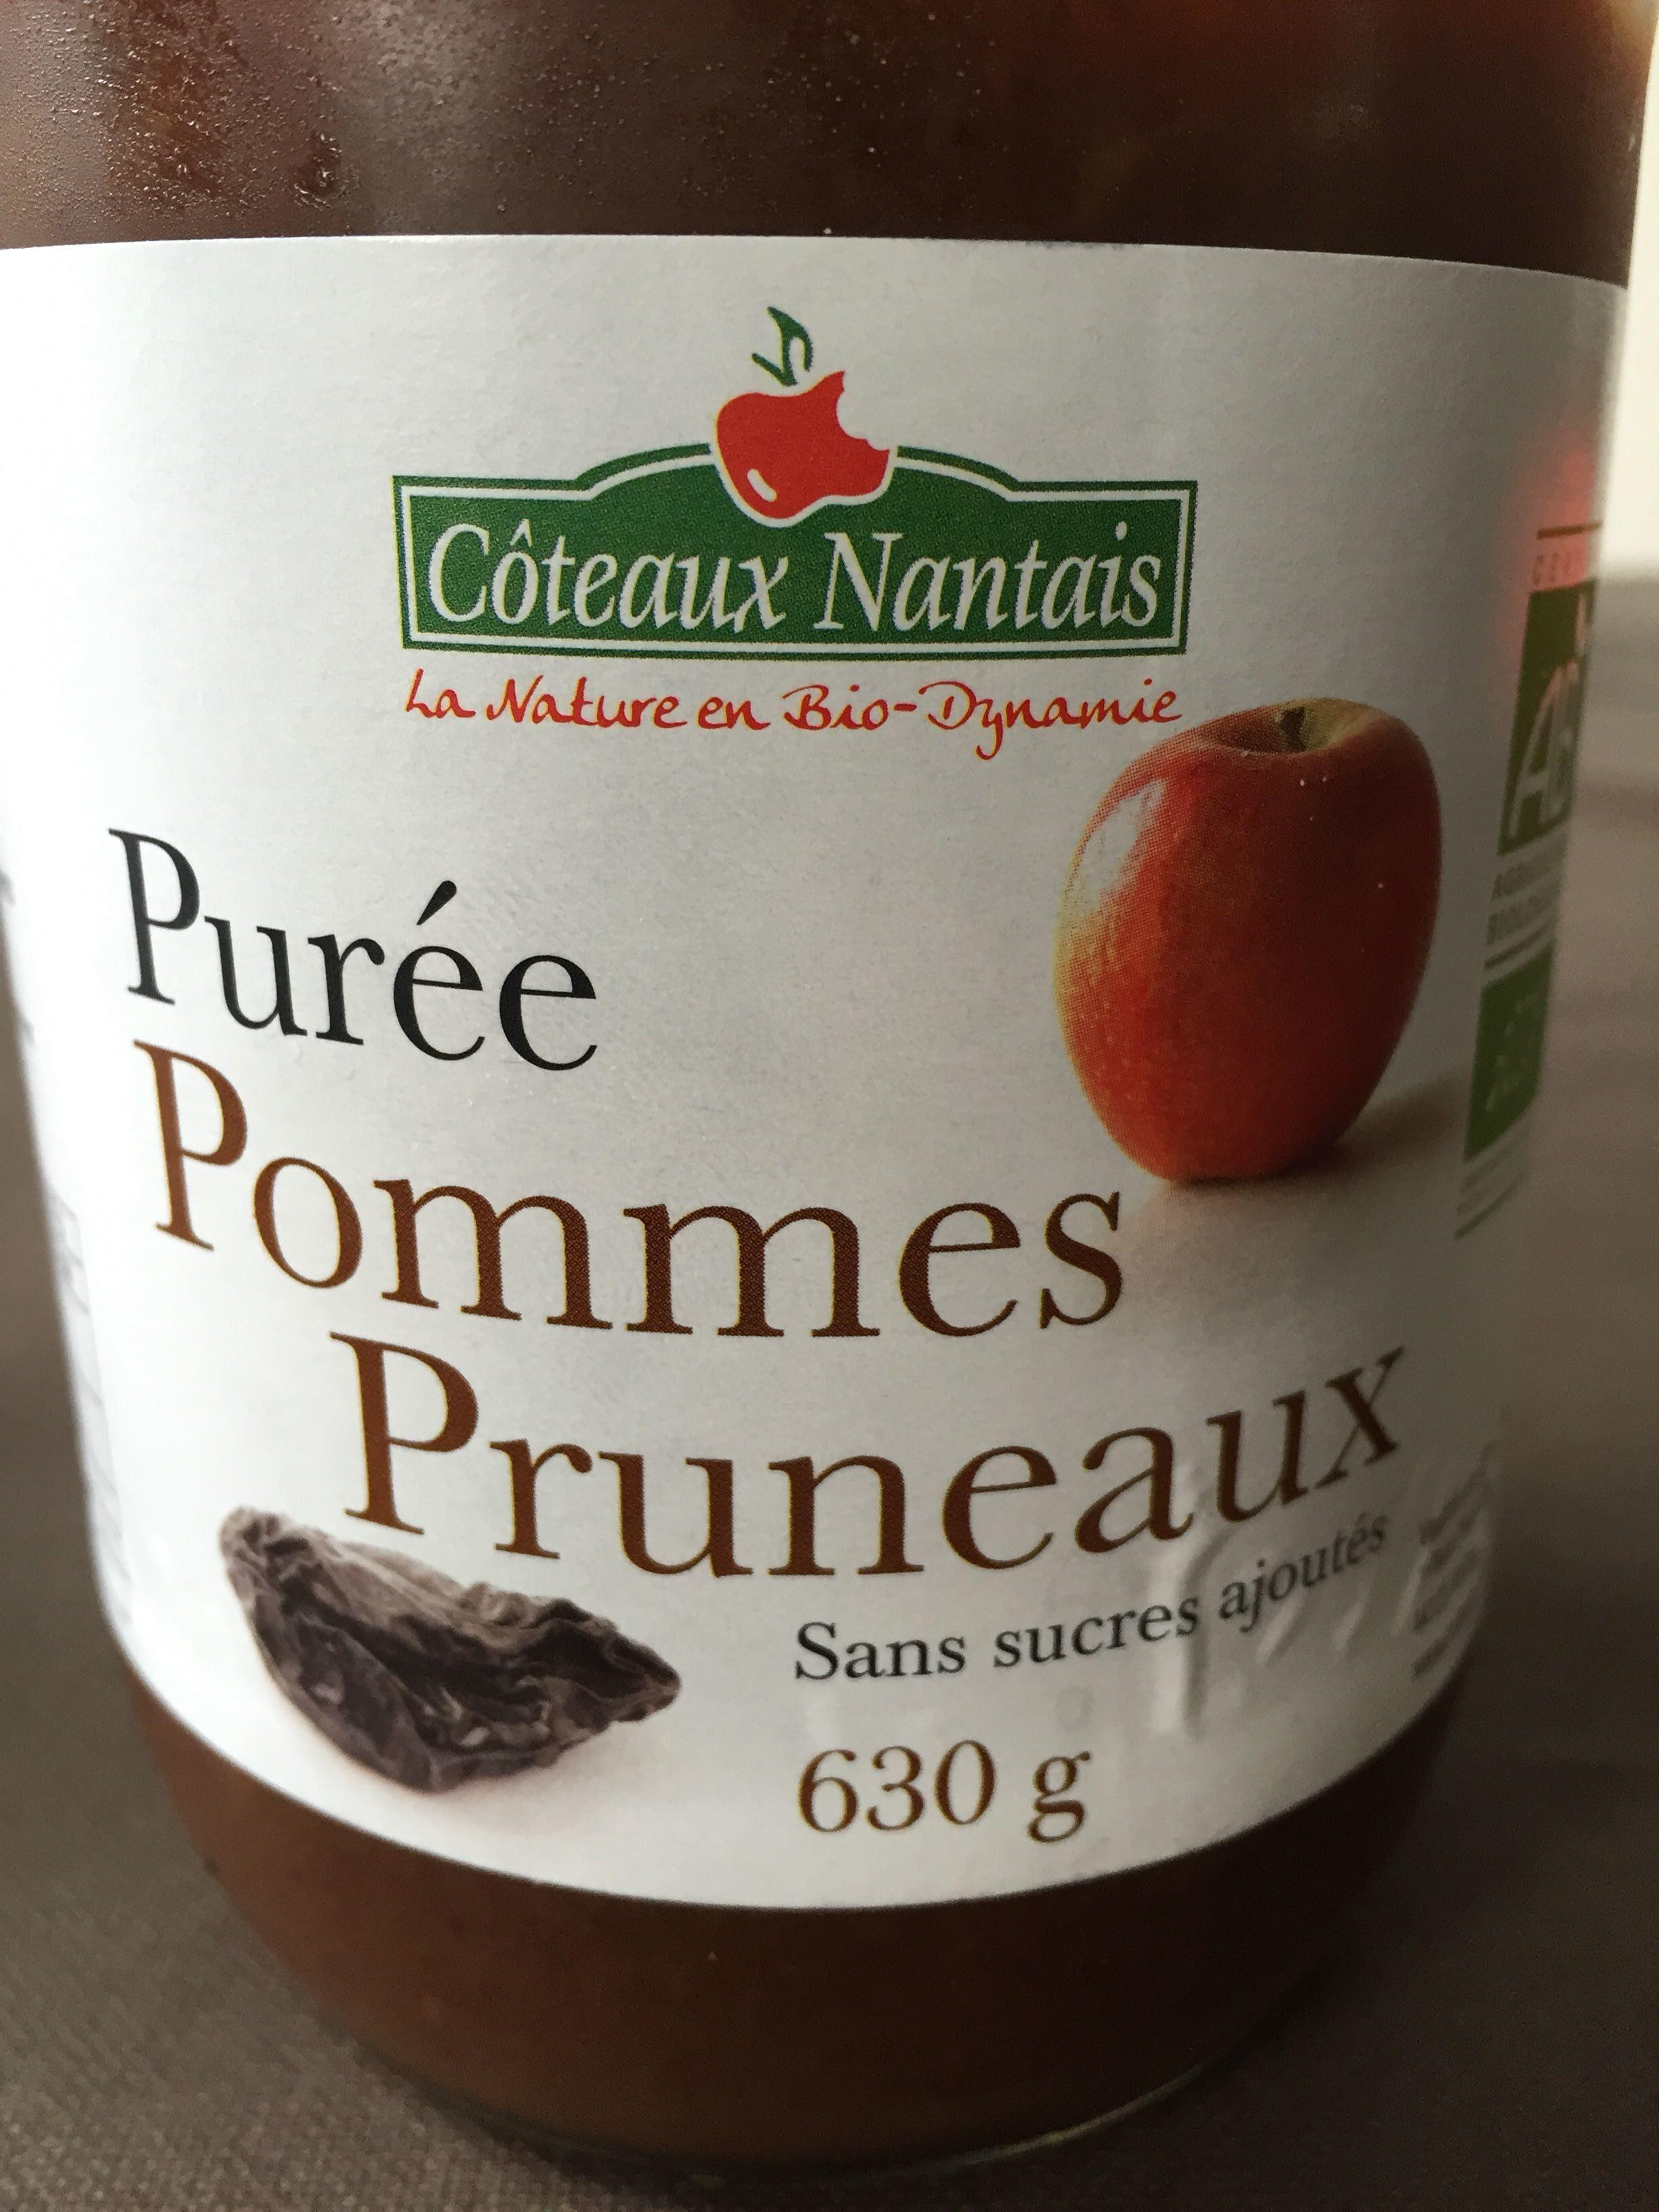 Purée Pomme Pruneaux - Côteaux Nantais - 630 G - Product